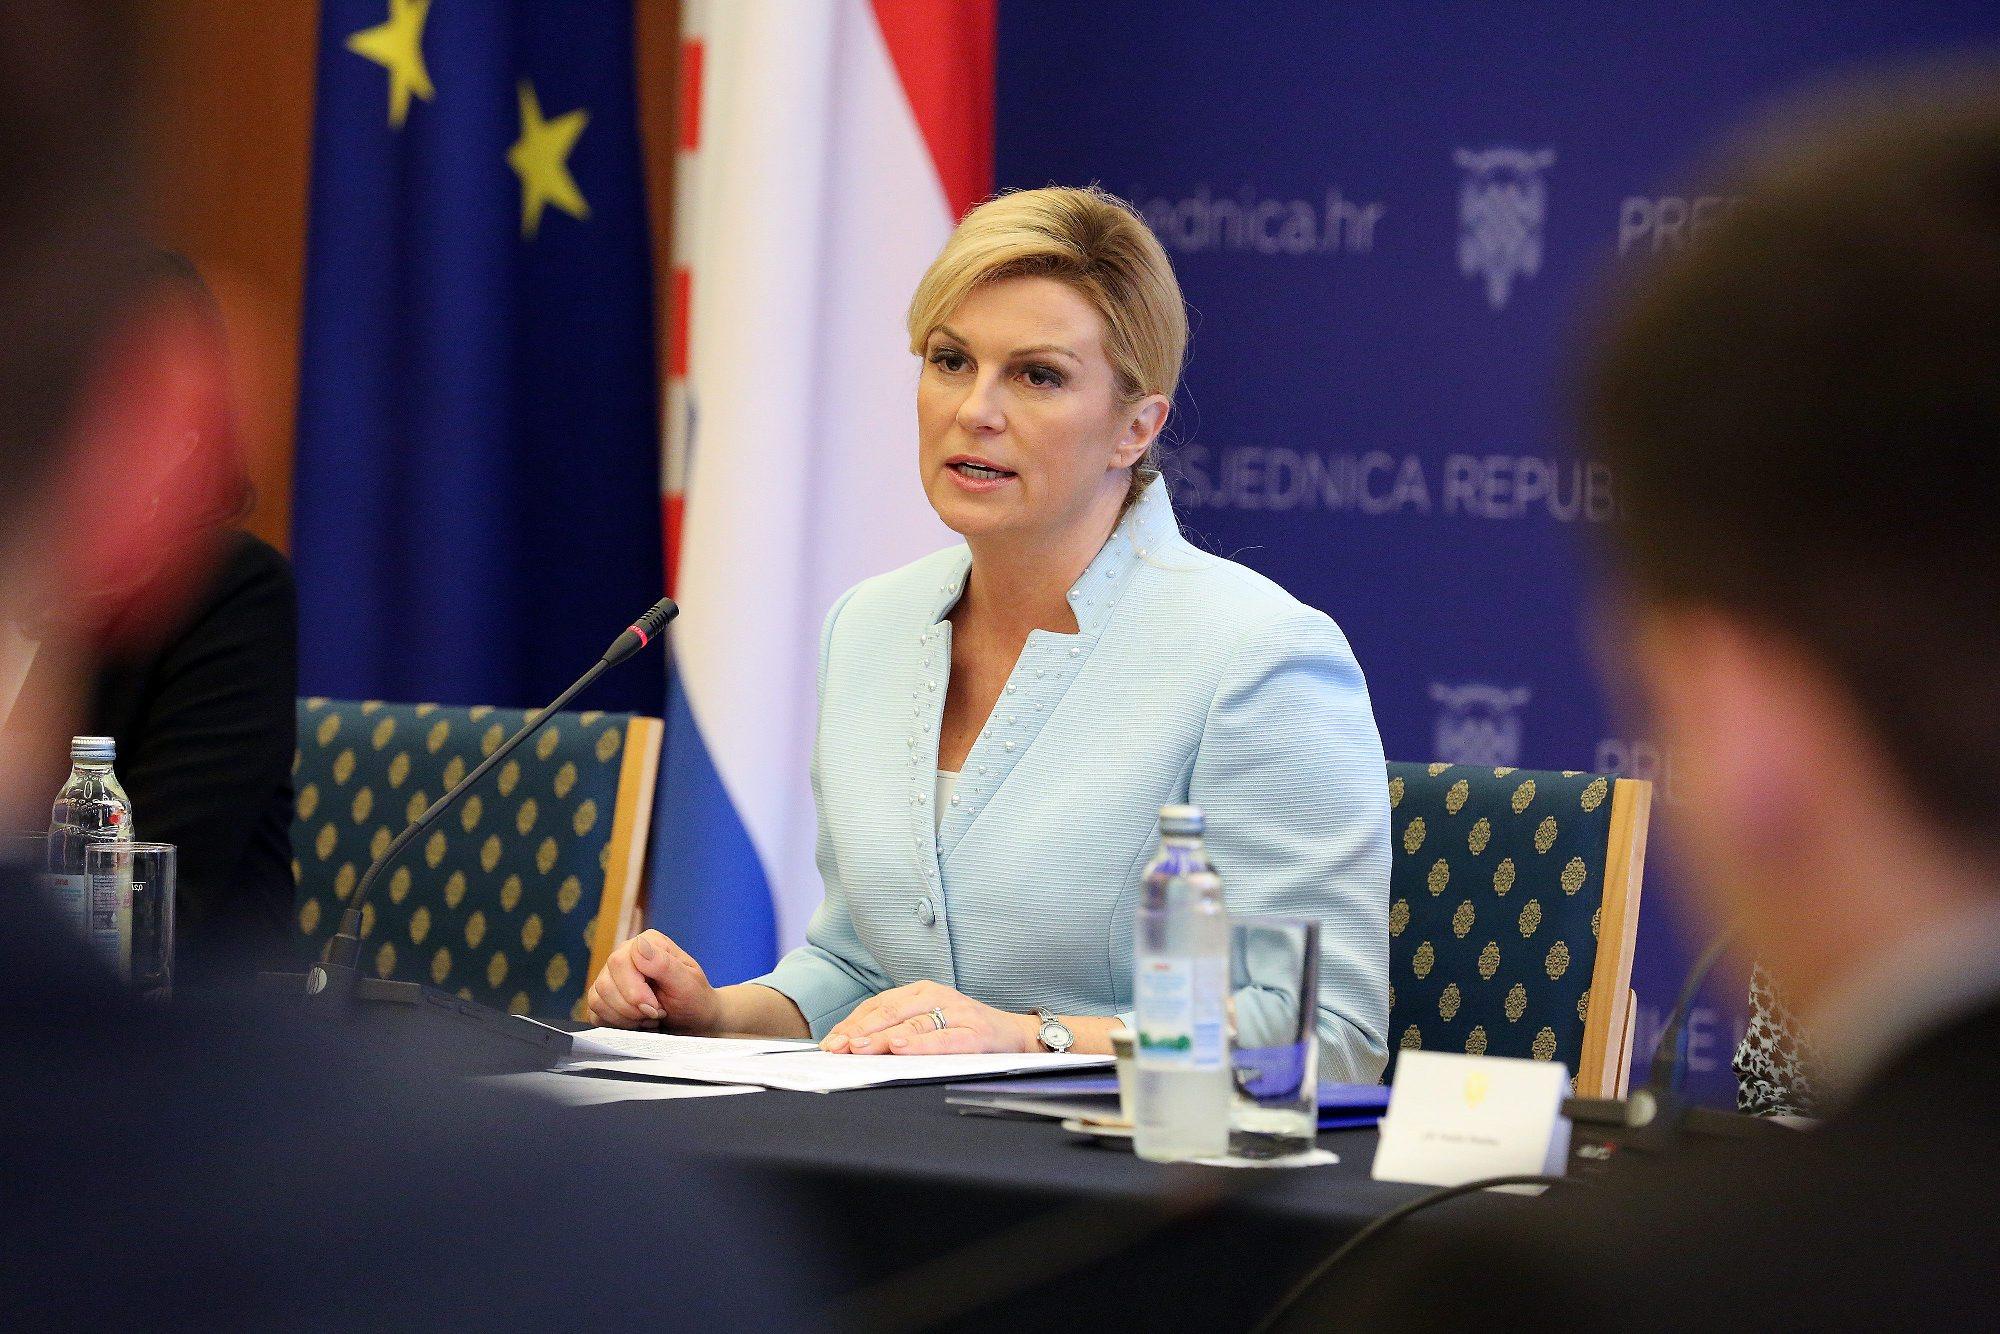 Predsjednica Kolinda Grabar-Kitarović